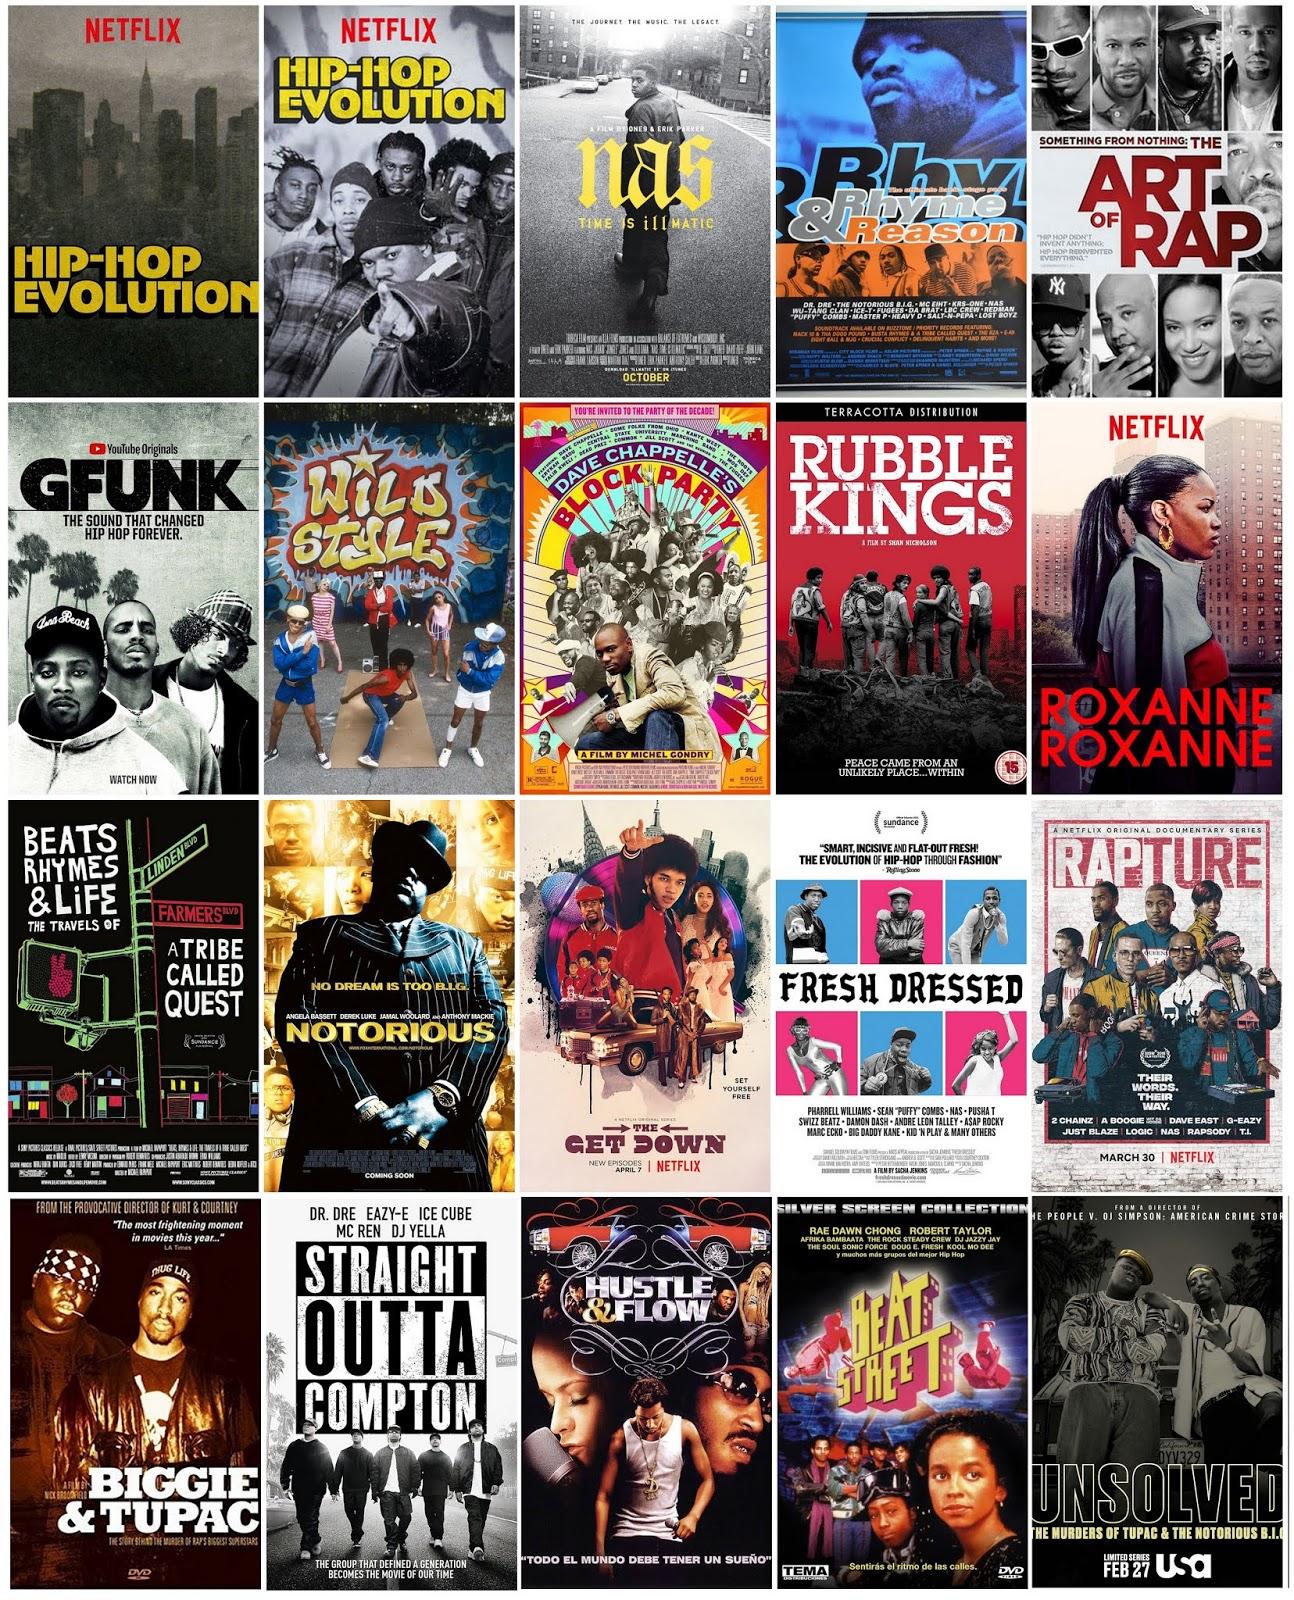 FILME DOWNLOAD SONORA DO BIG TRILHA GRATUITO NOTORIOUS